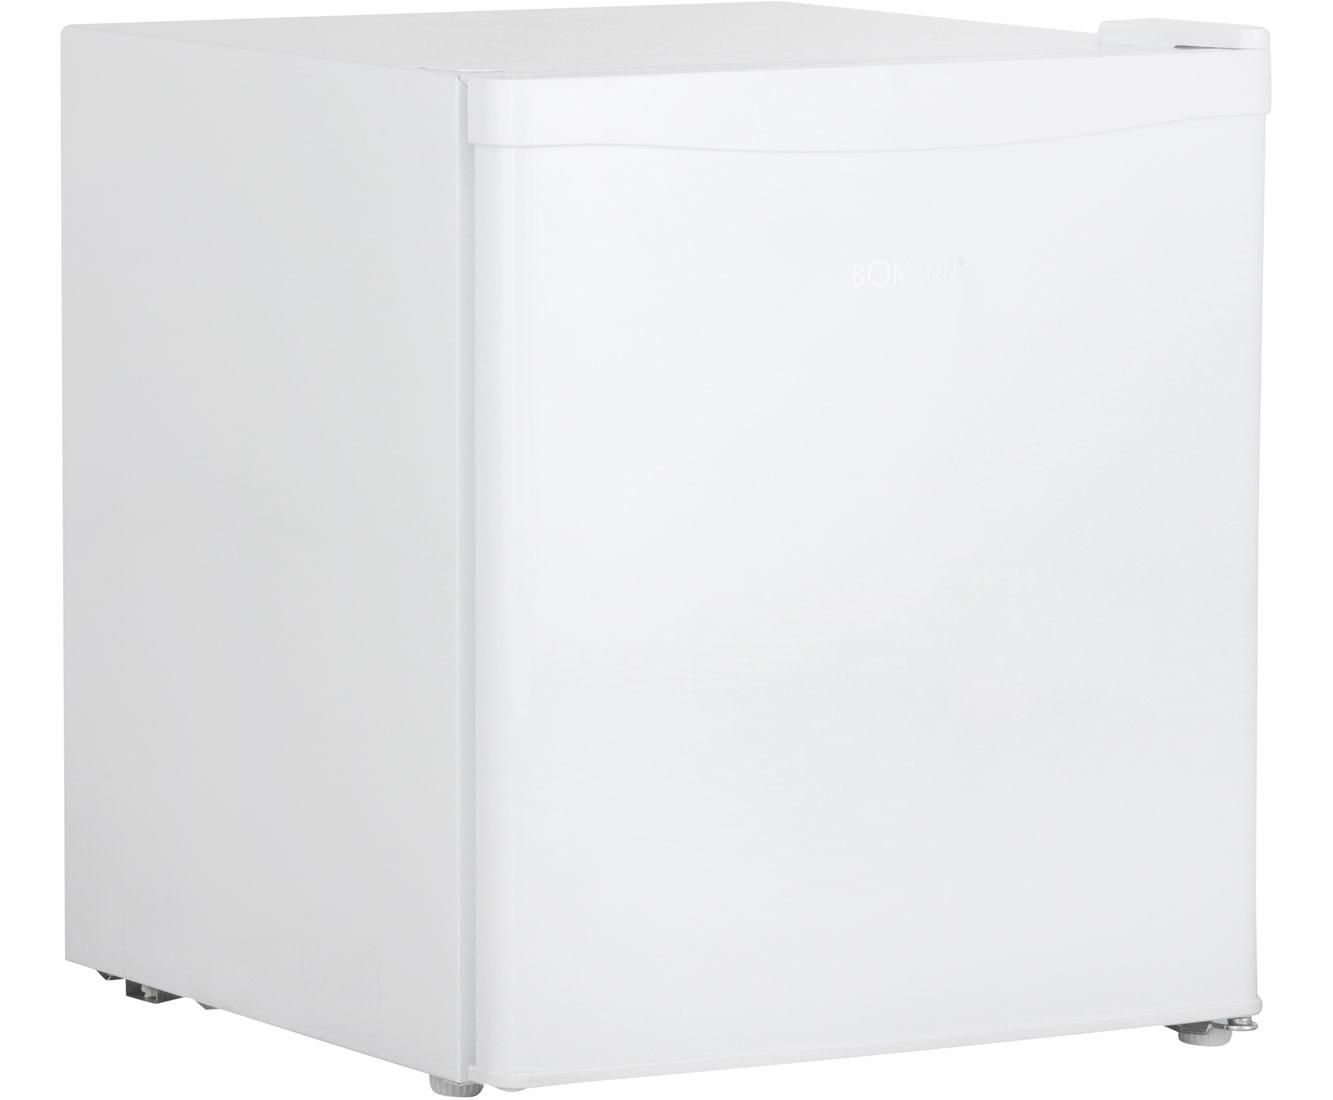 Bomann Mini Kühlschrank Leise : Bomann kb 389 kühlschrank freistehend 44cm weiss neu ebay